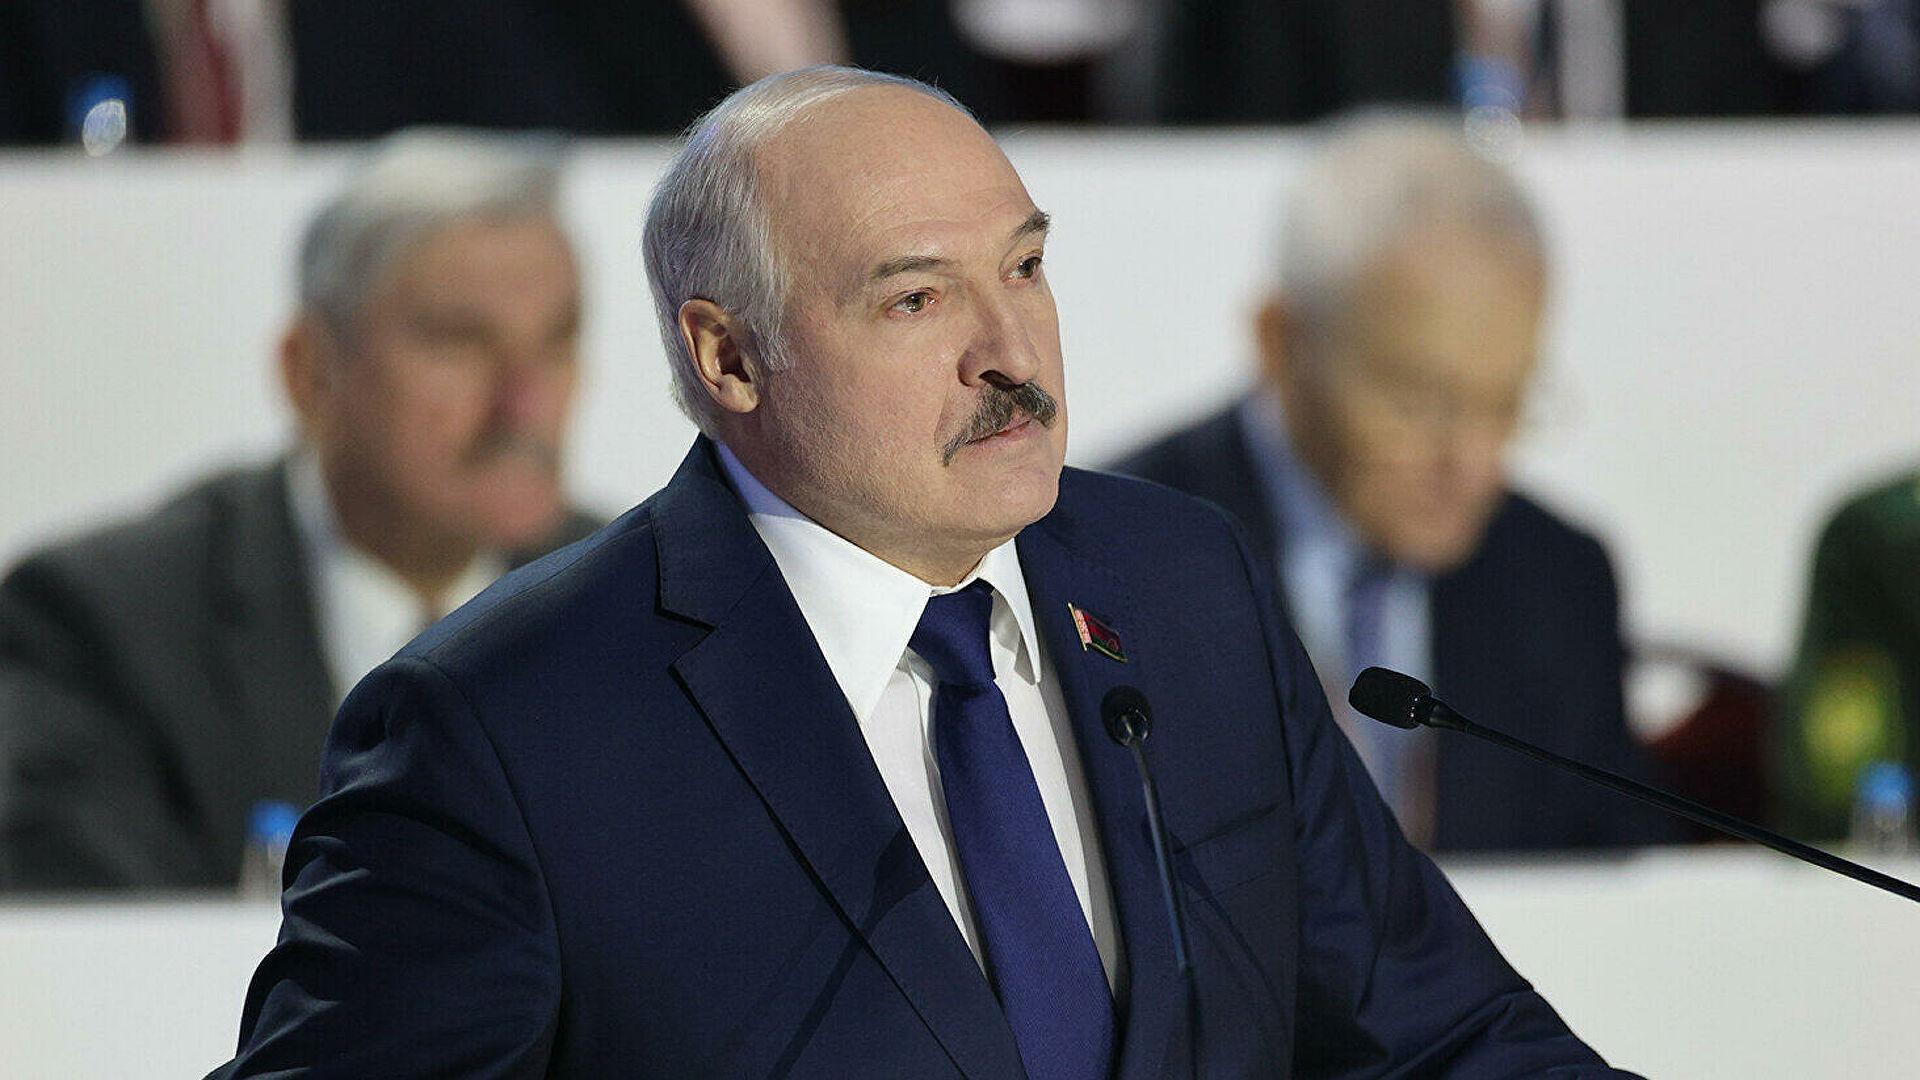 Внешние силы целенаправленно работают против СНГ, заявил Лукашенко